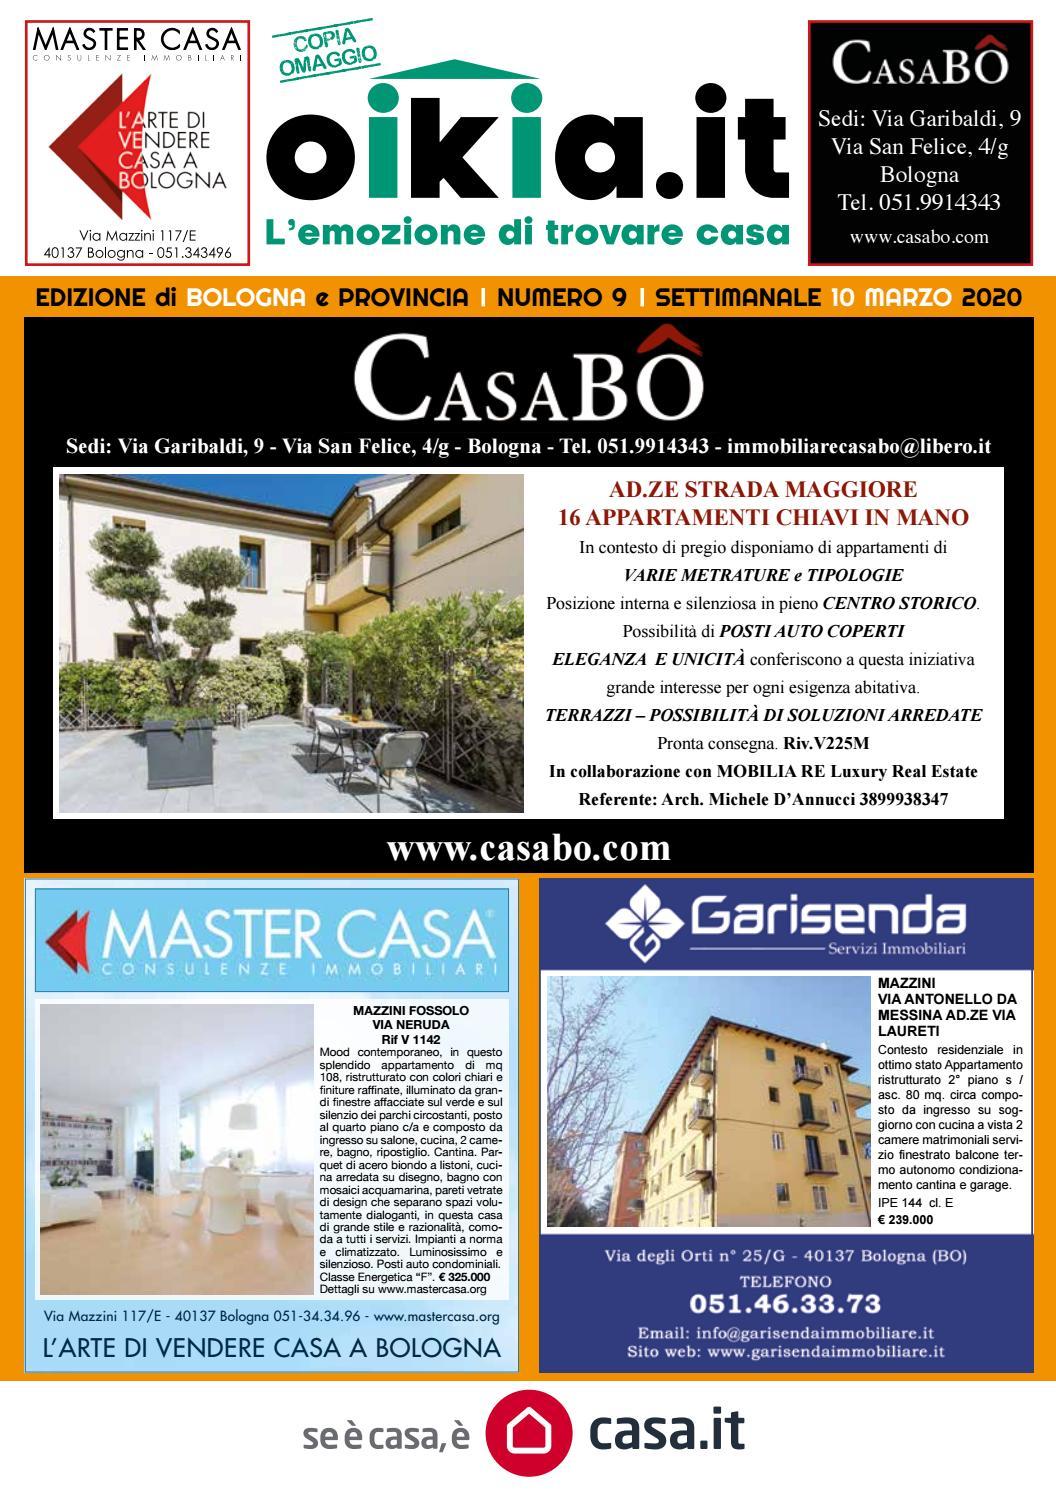 Spazio Vitale Studio Immobiliare oikia bologna 9 - 2020 by publidok s.r.l. - issuu